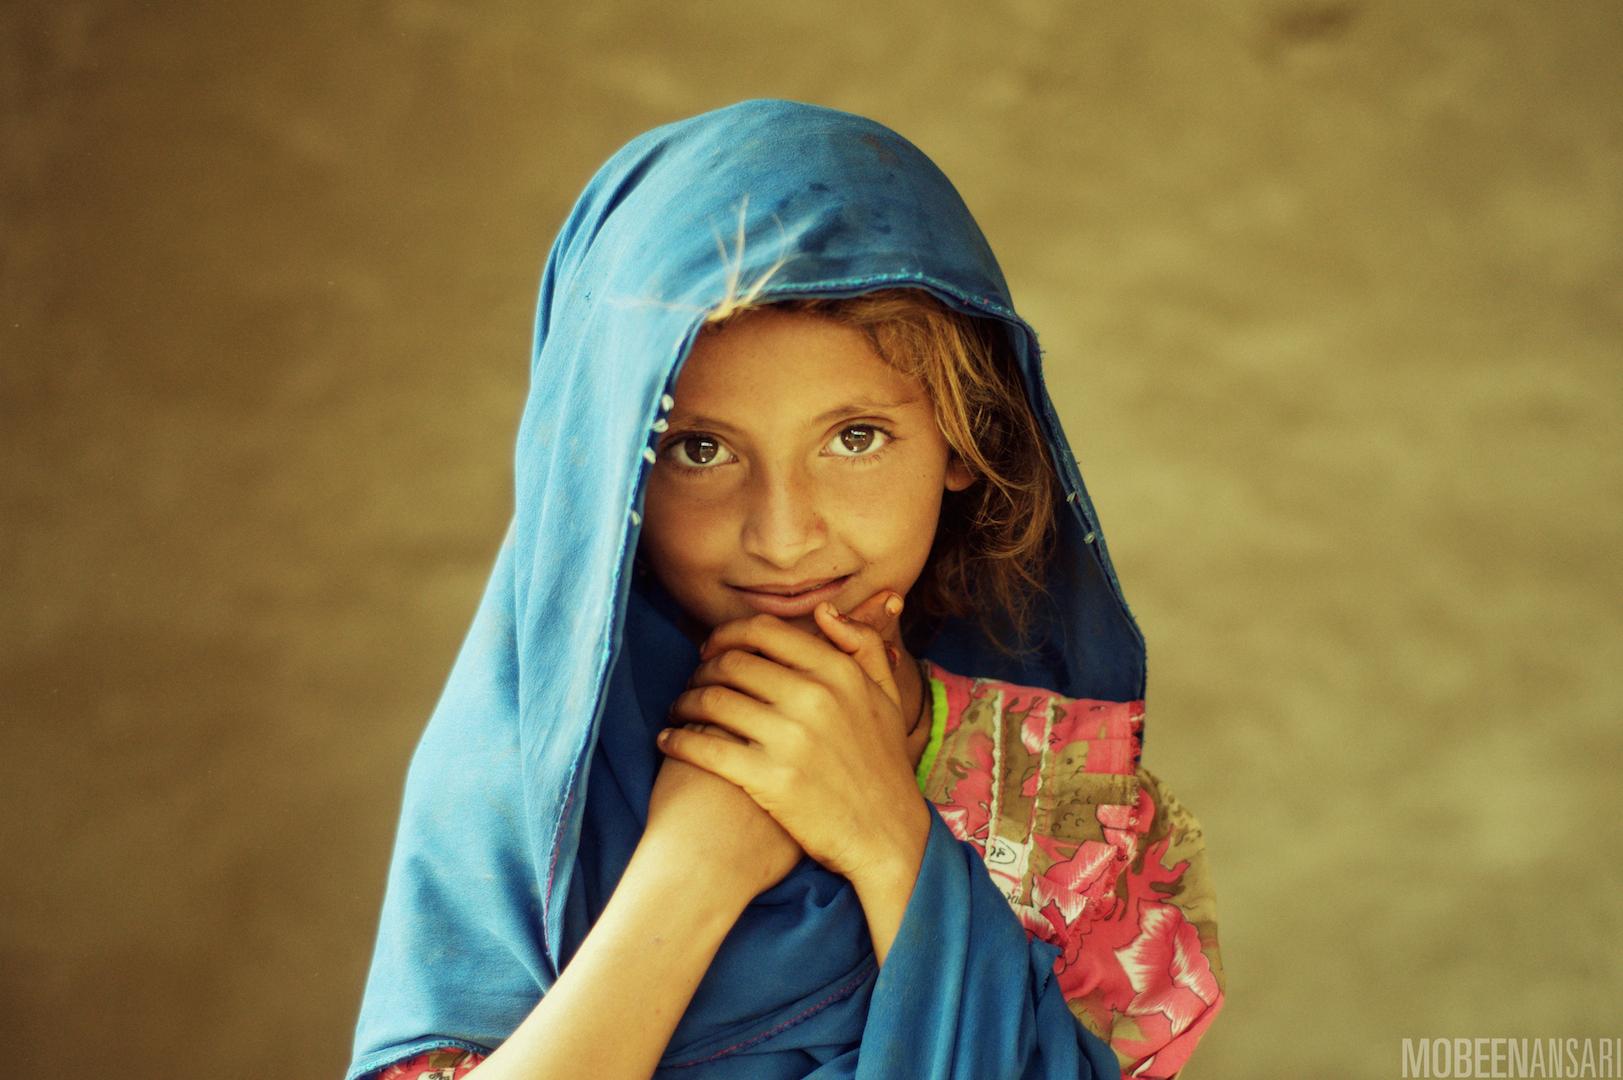 Mobeen Ansari